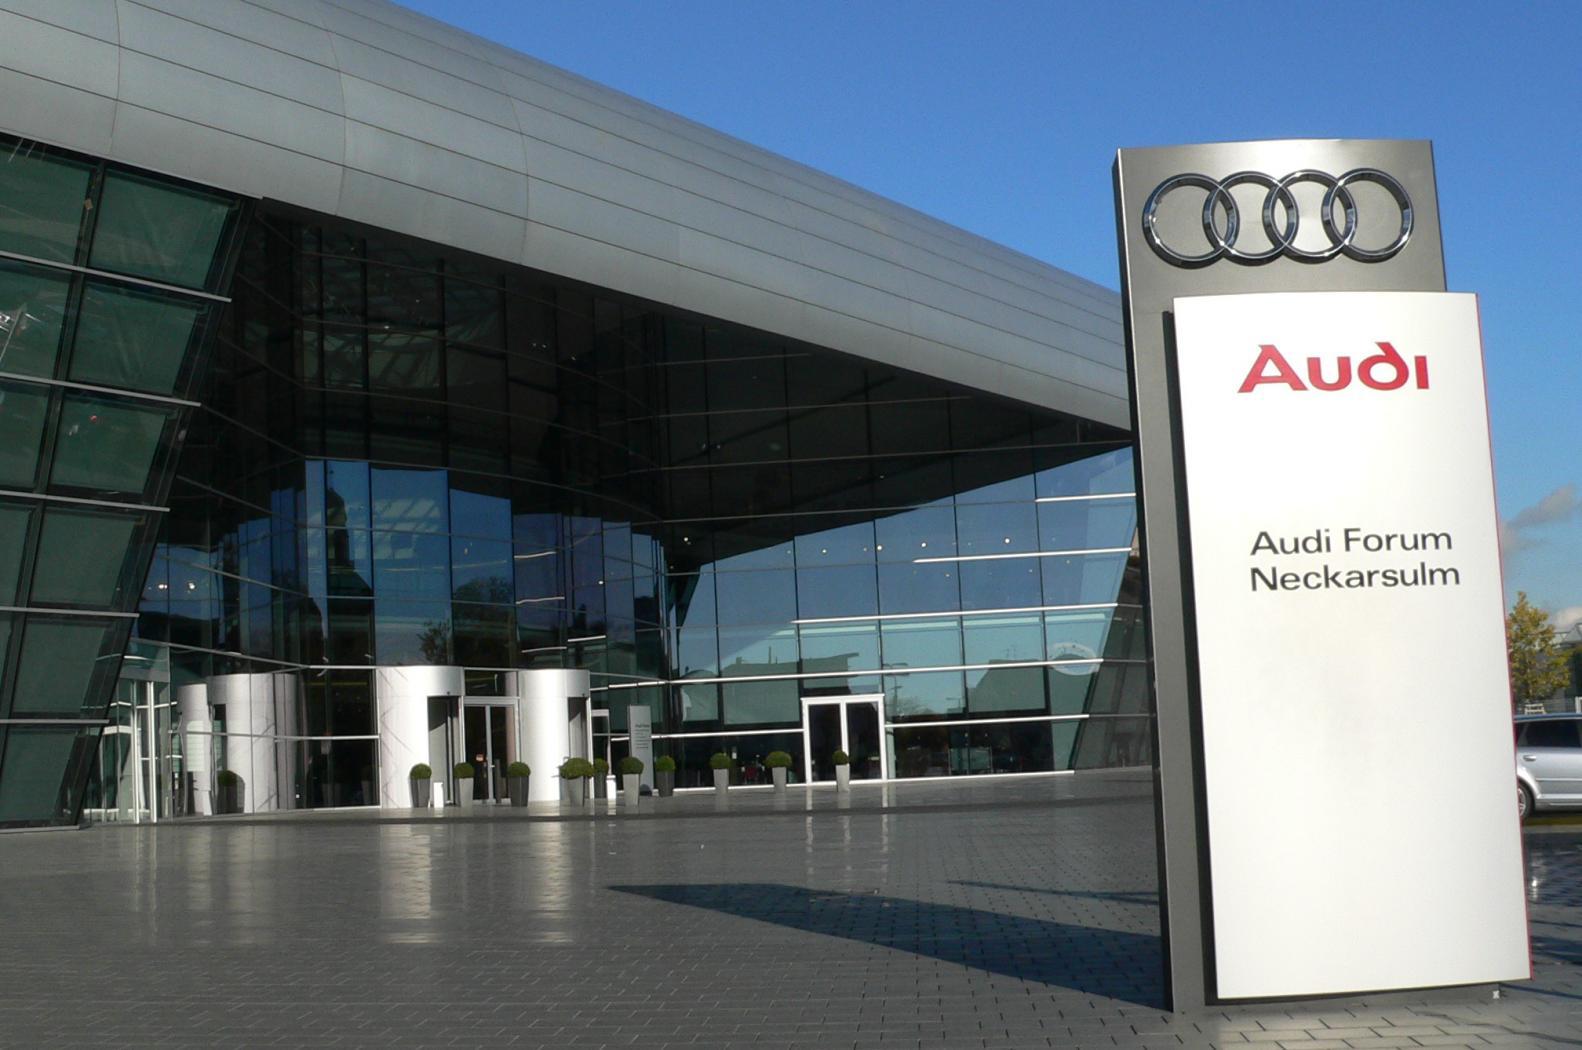 Forum-Audi-Neckarsulm-1